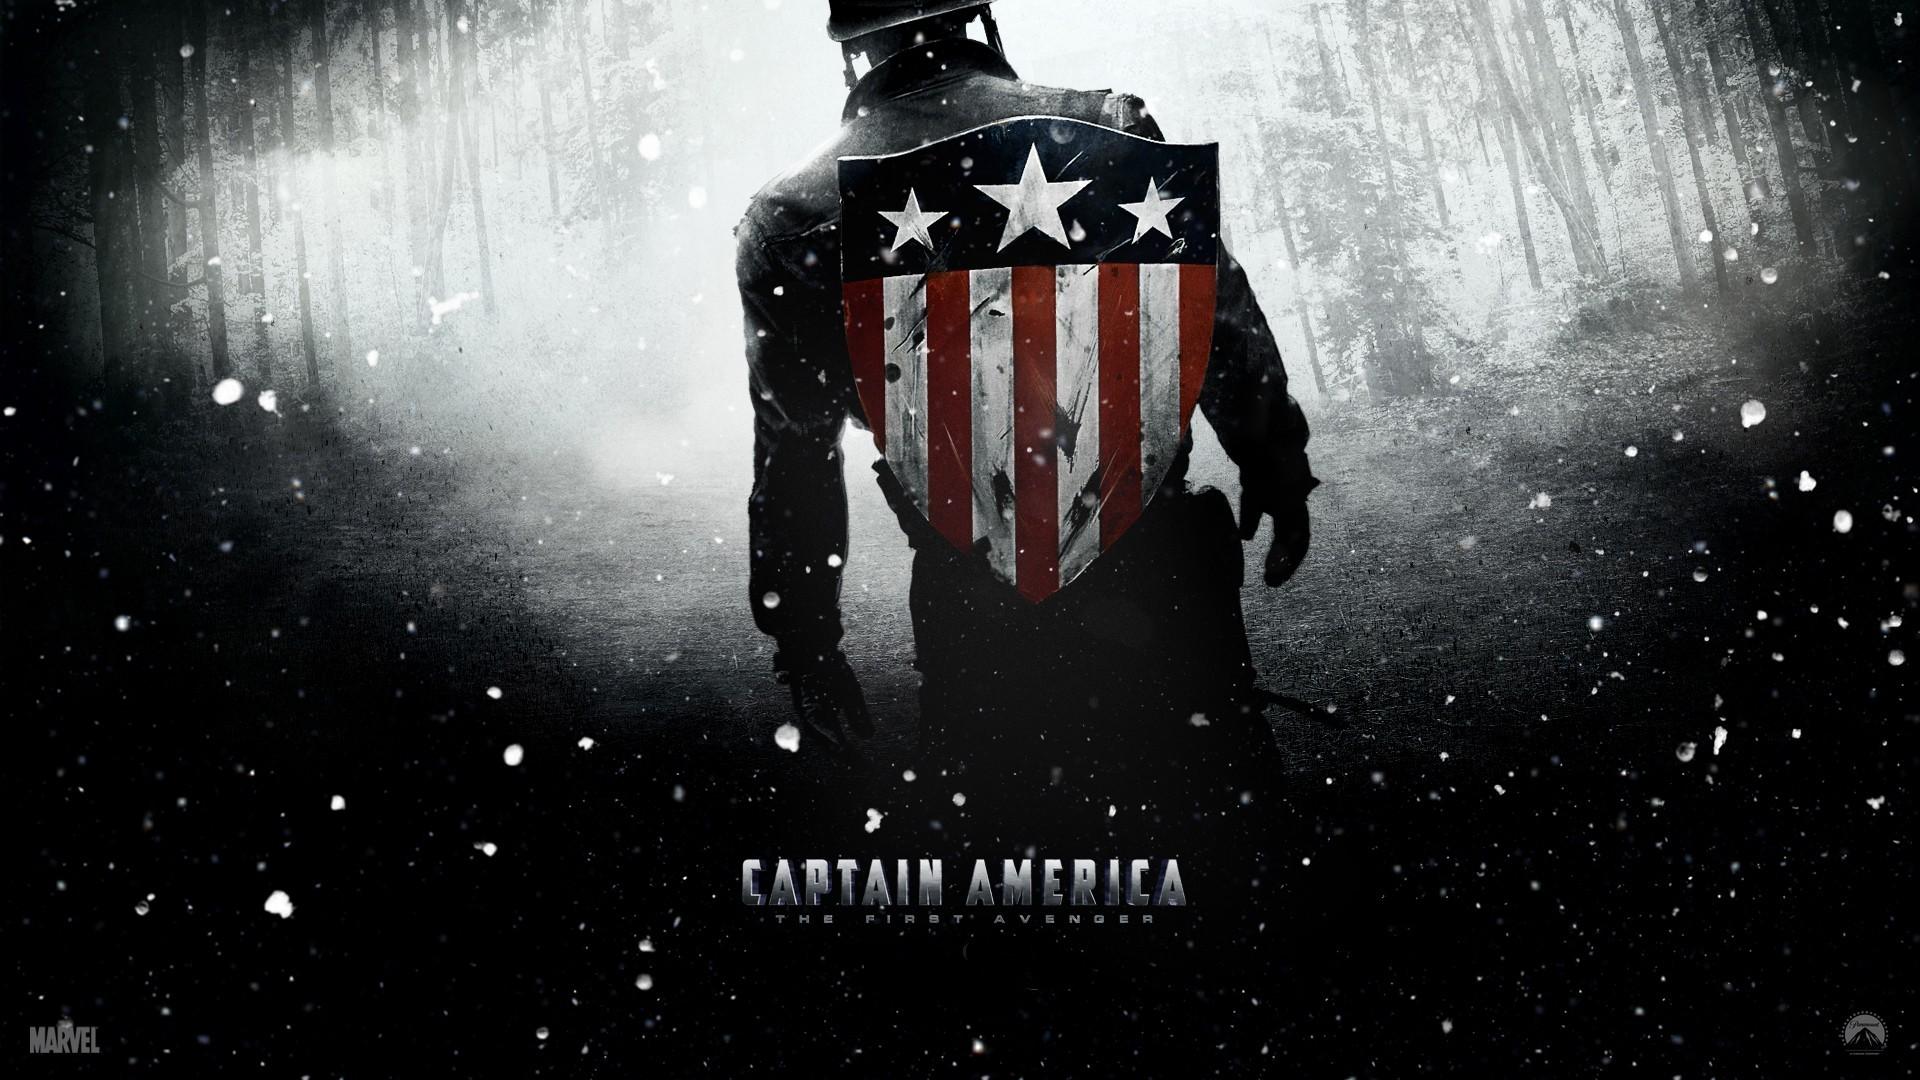 Papel De Parede Do Capitao America: Papel De Parede : Ilustração, Filmes, Capitão América